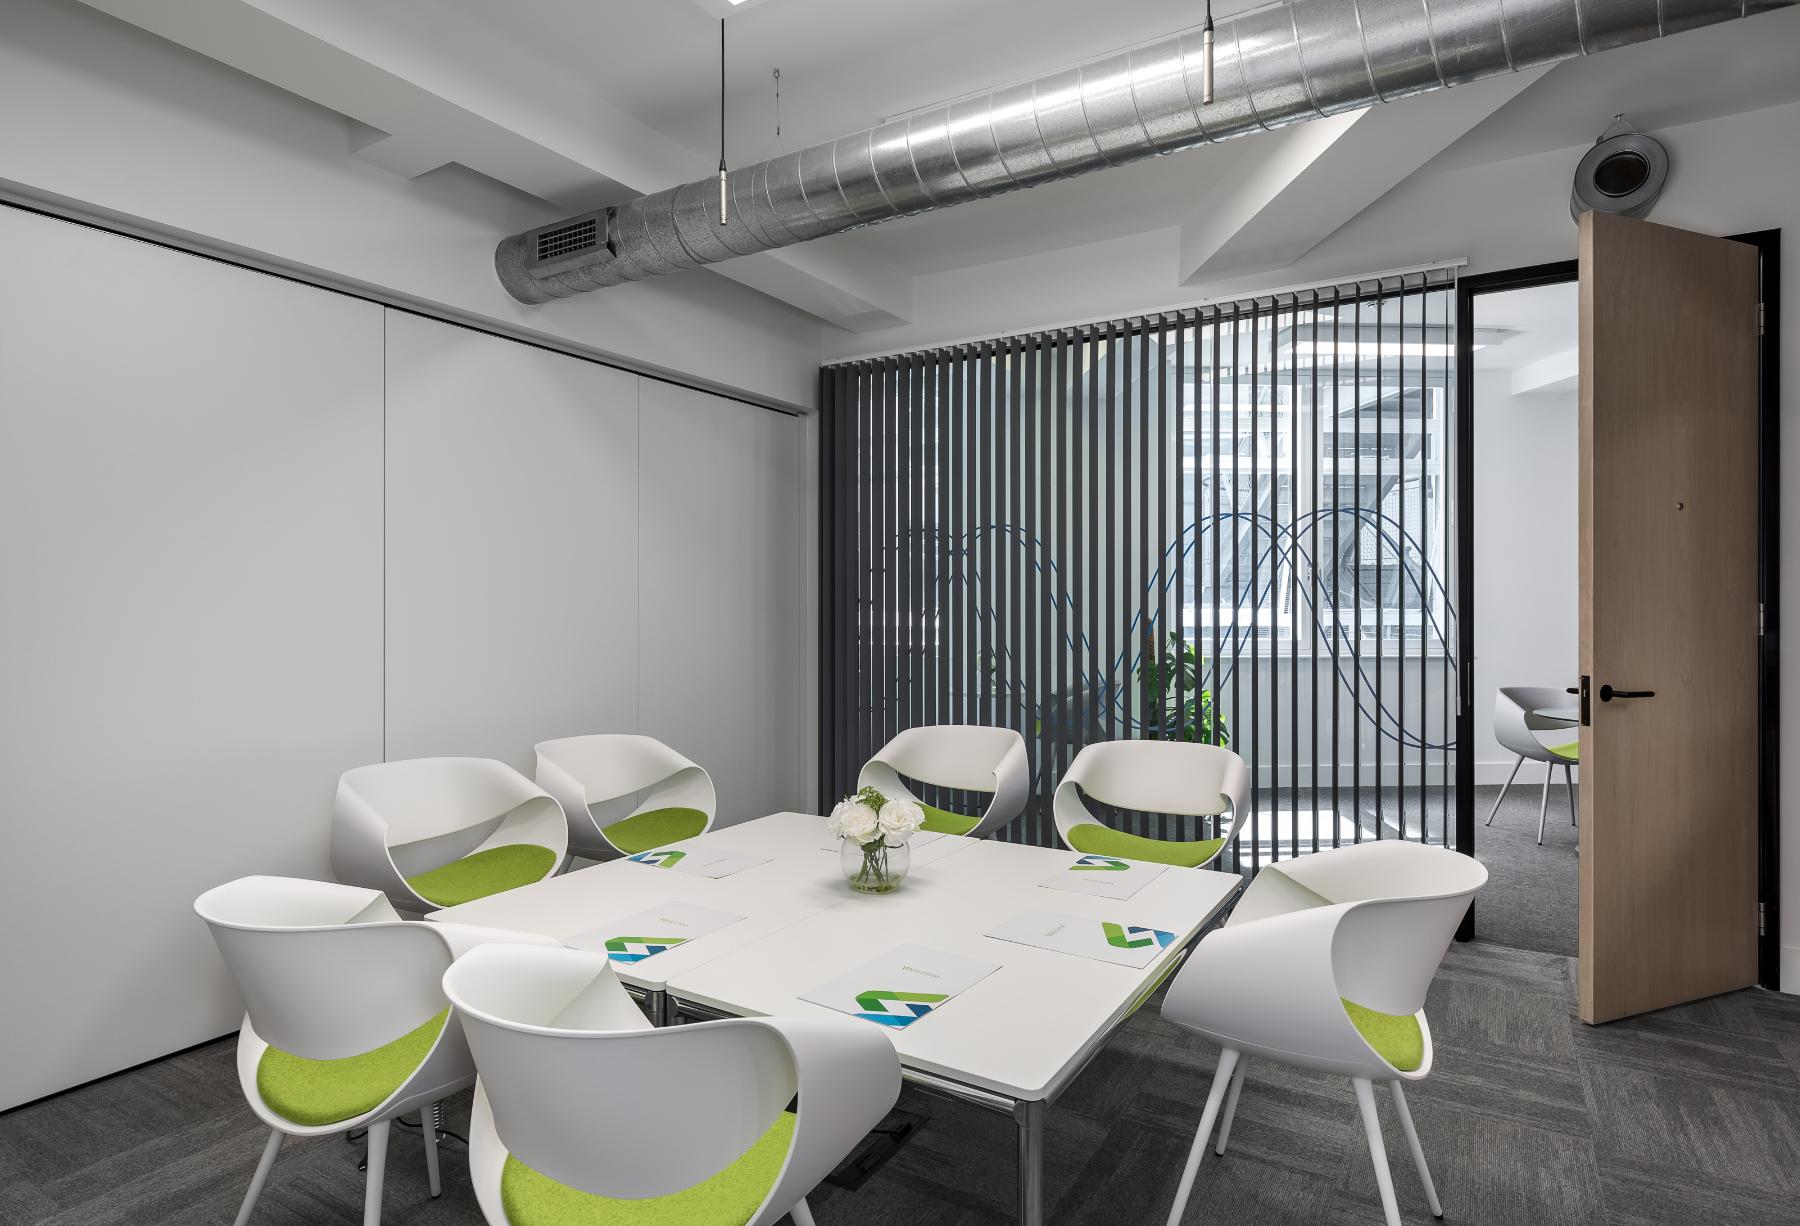 schlesinger-office-4